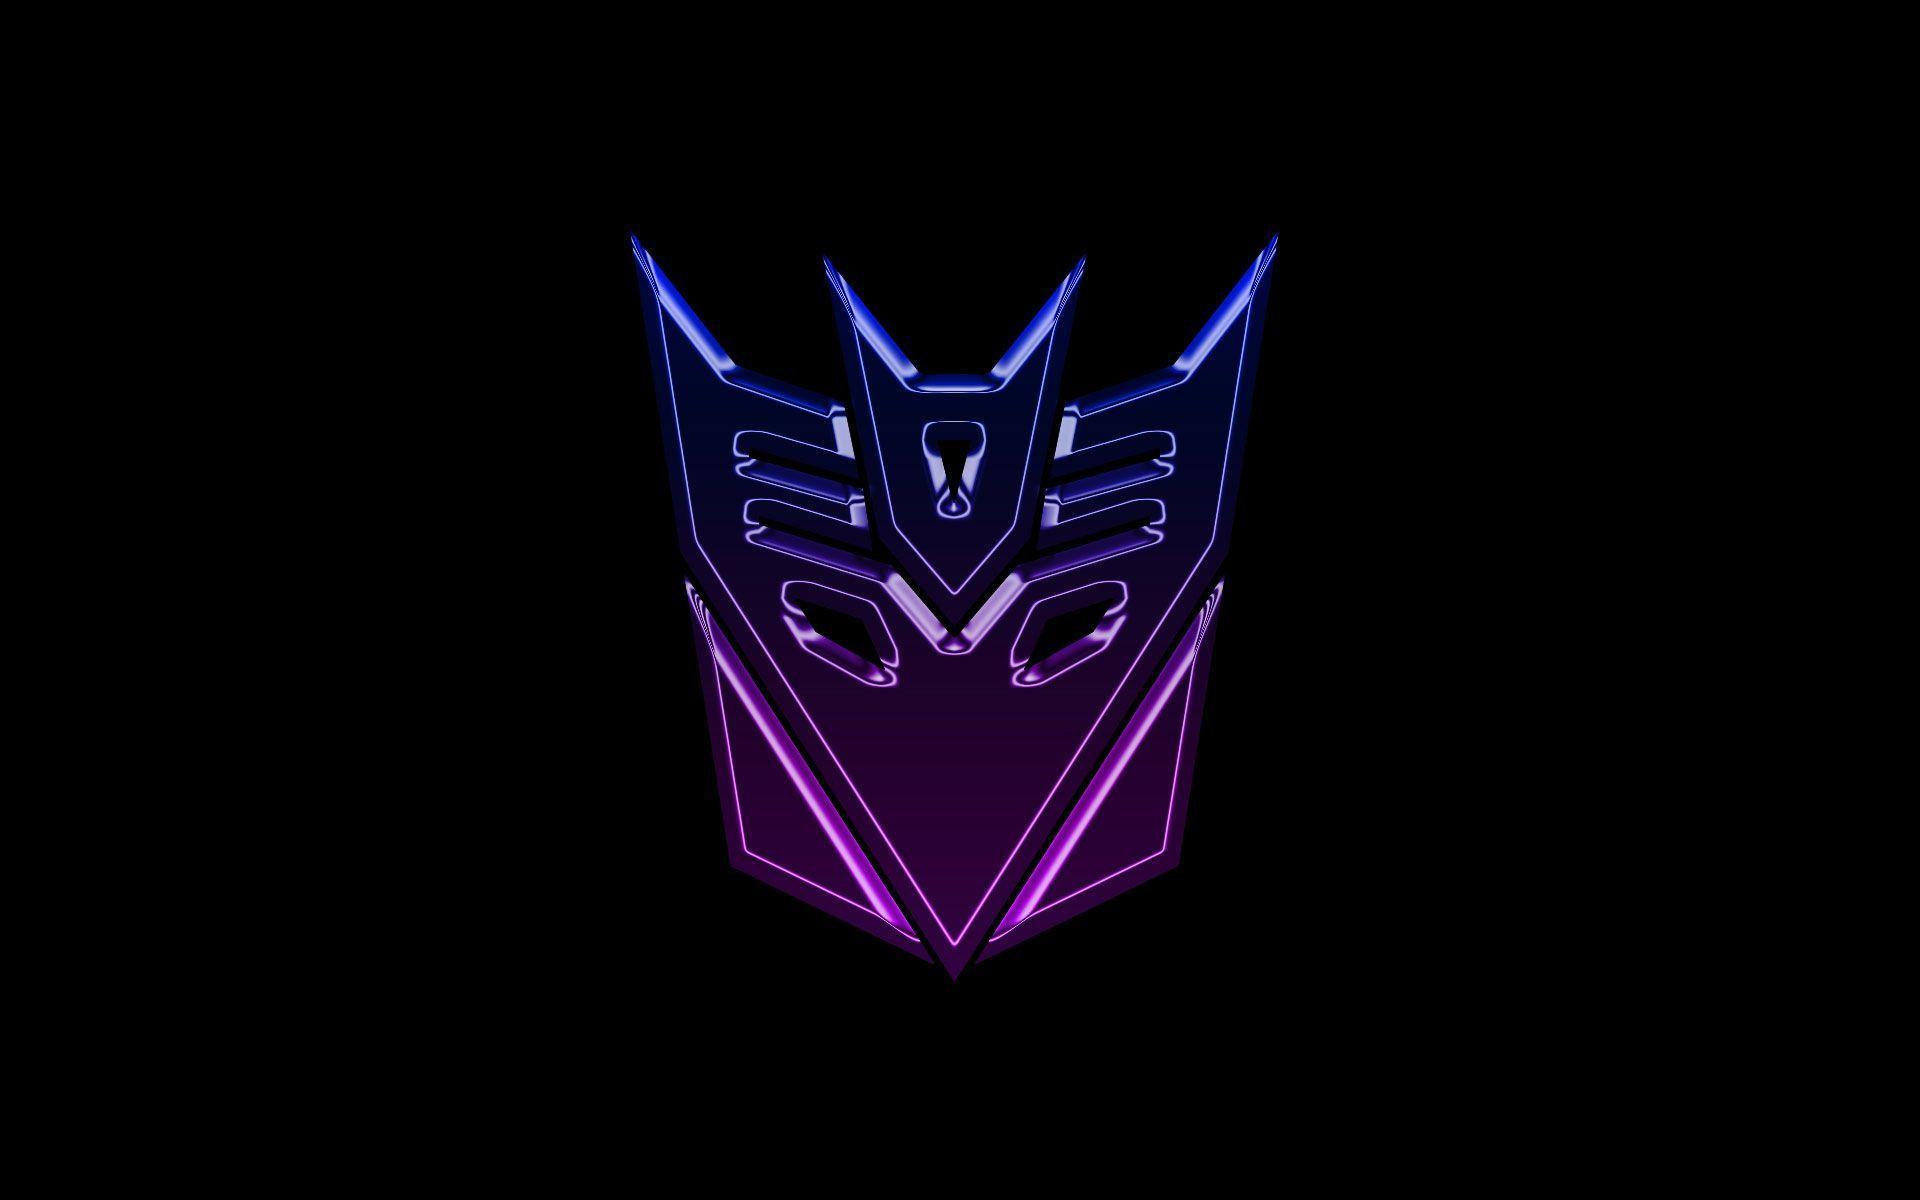 Decepticon Background